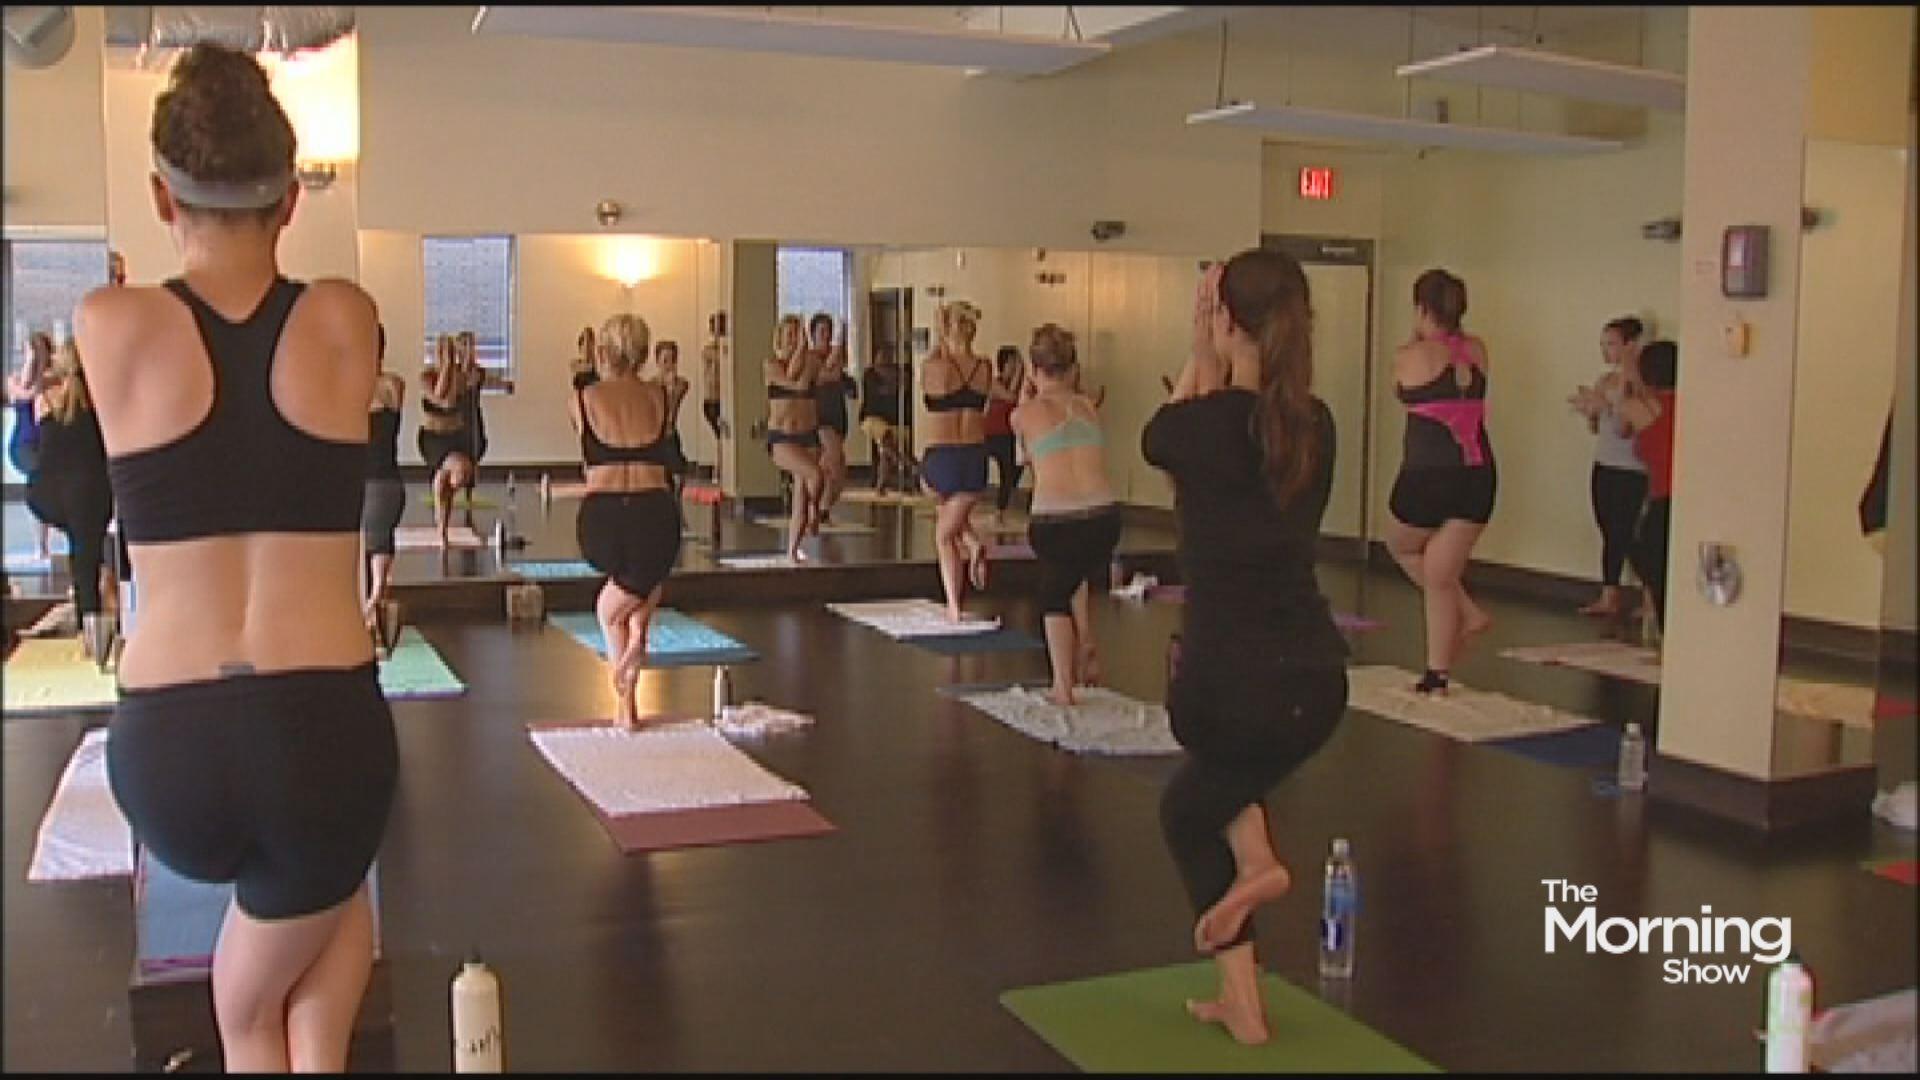 Hot Yoga No Better Than Regular Yoga Watch News Videos Online